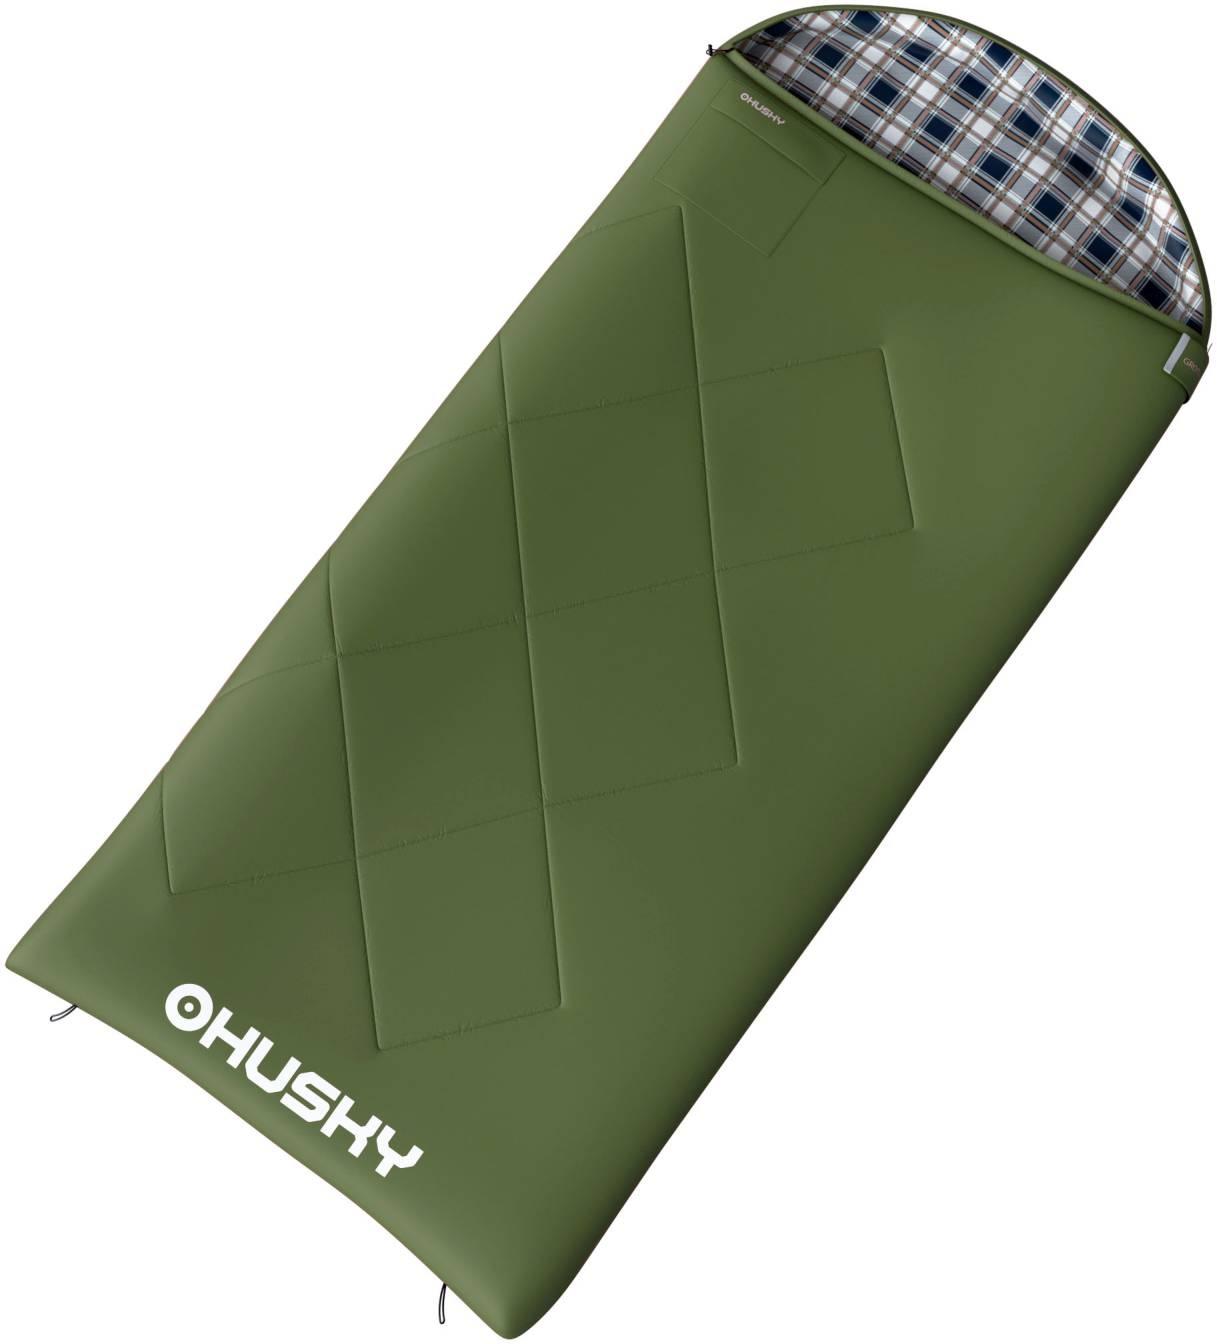 Spacák dekový   Kids Galy -5°C zelená